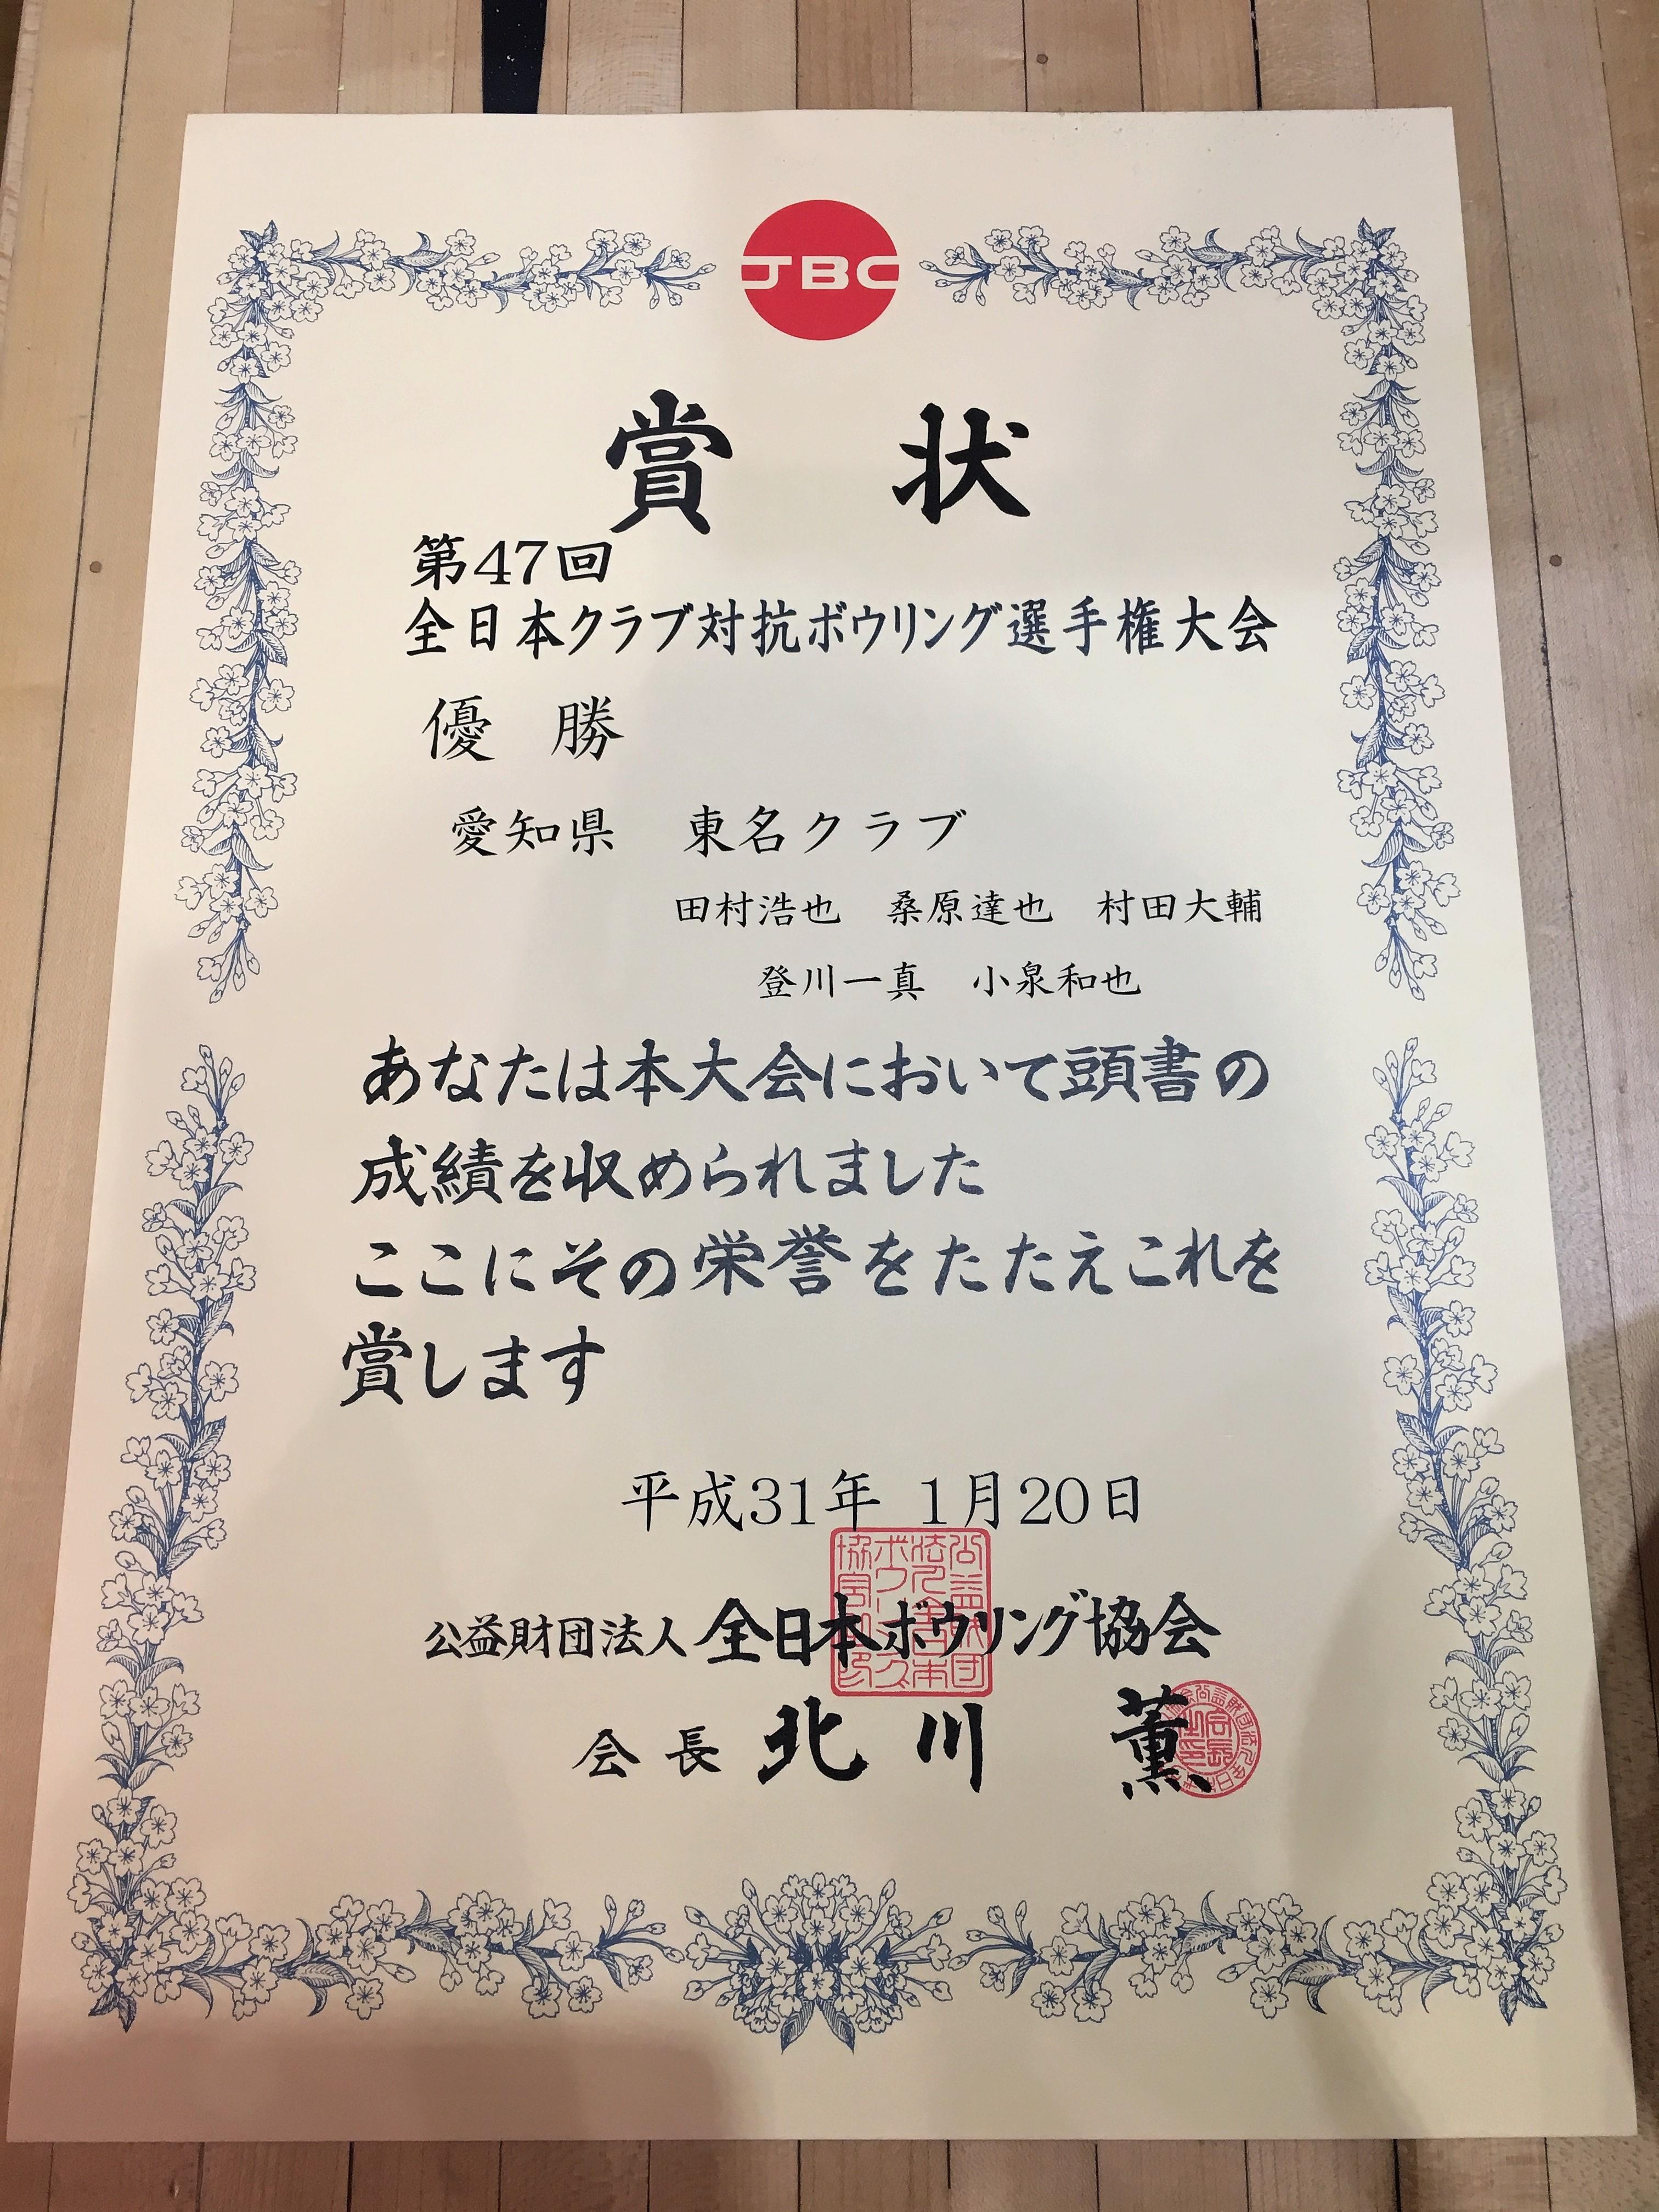 ☆祝☆第47回全日本クラブ対抗ボウリング選手権大会☆2連覇☆